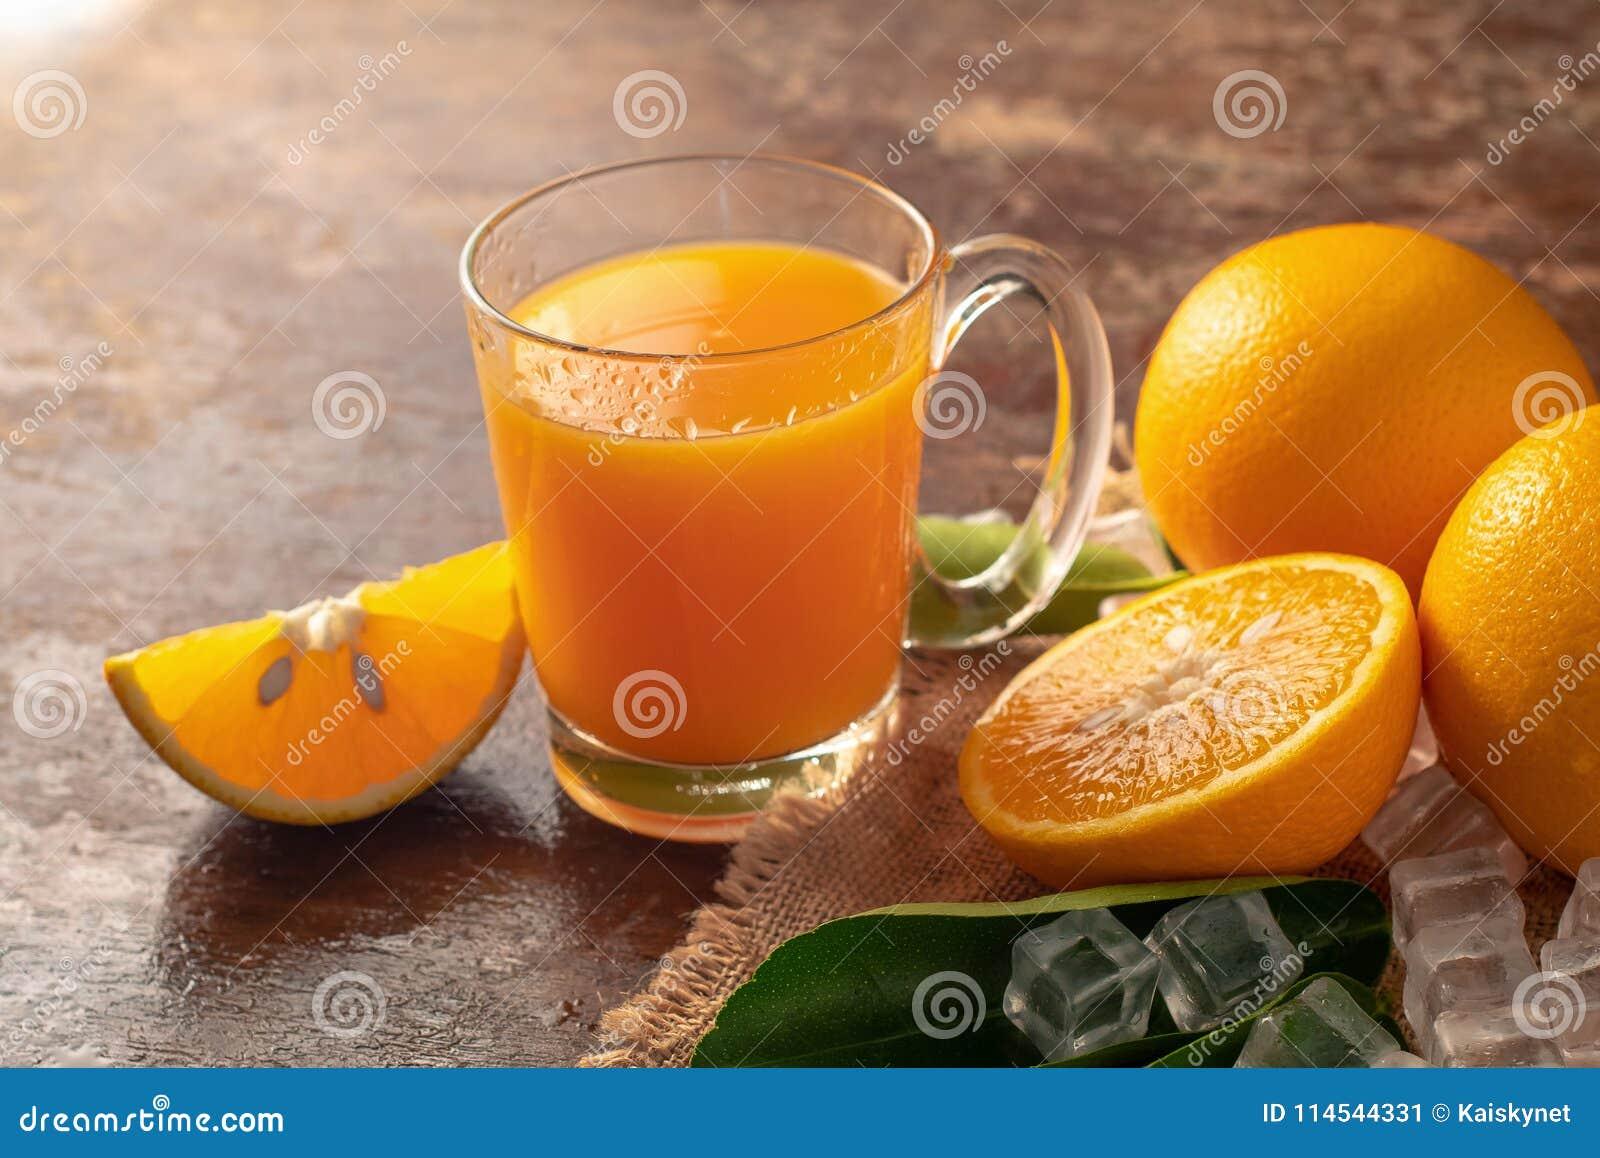 Verse sinaasappel en een glas jus d orange op een houten lijst backg